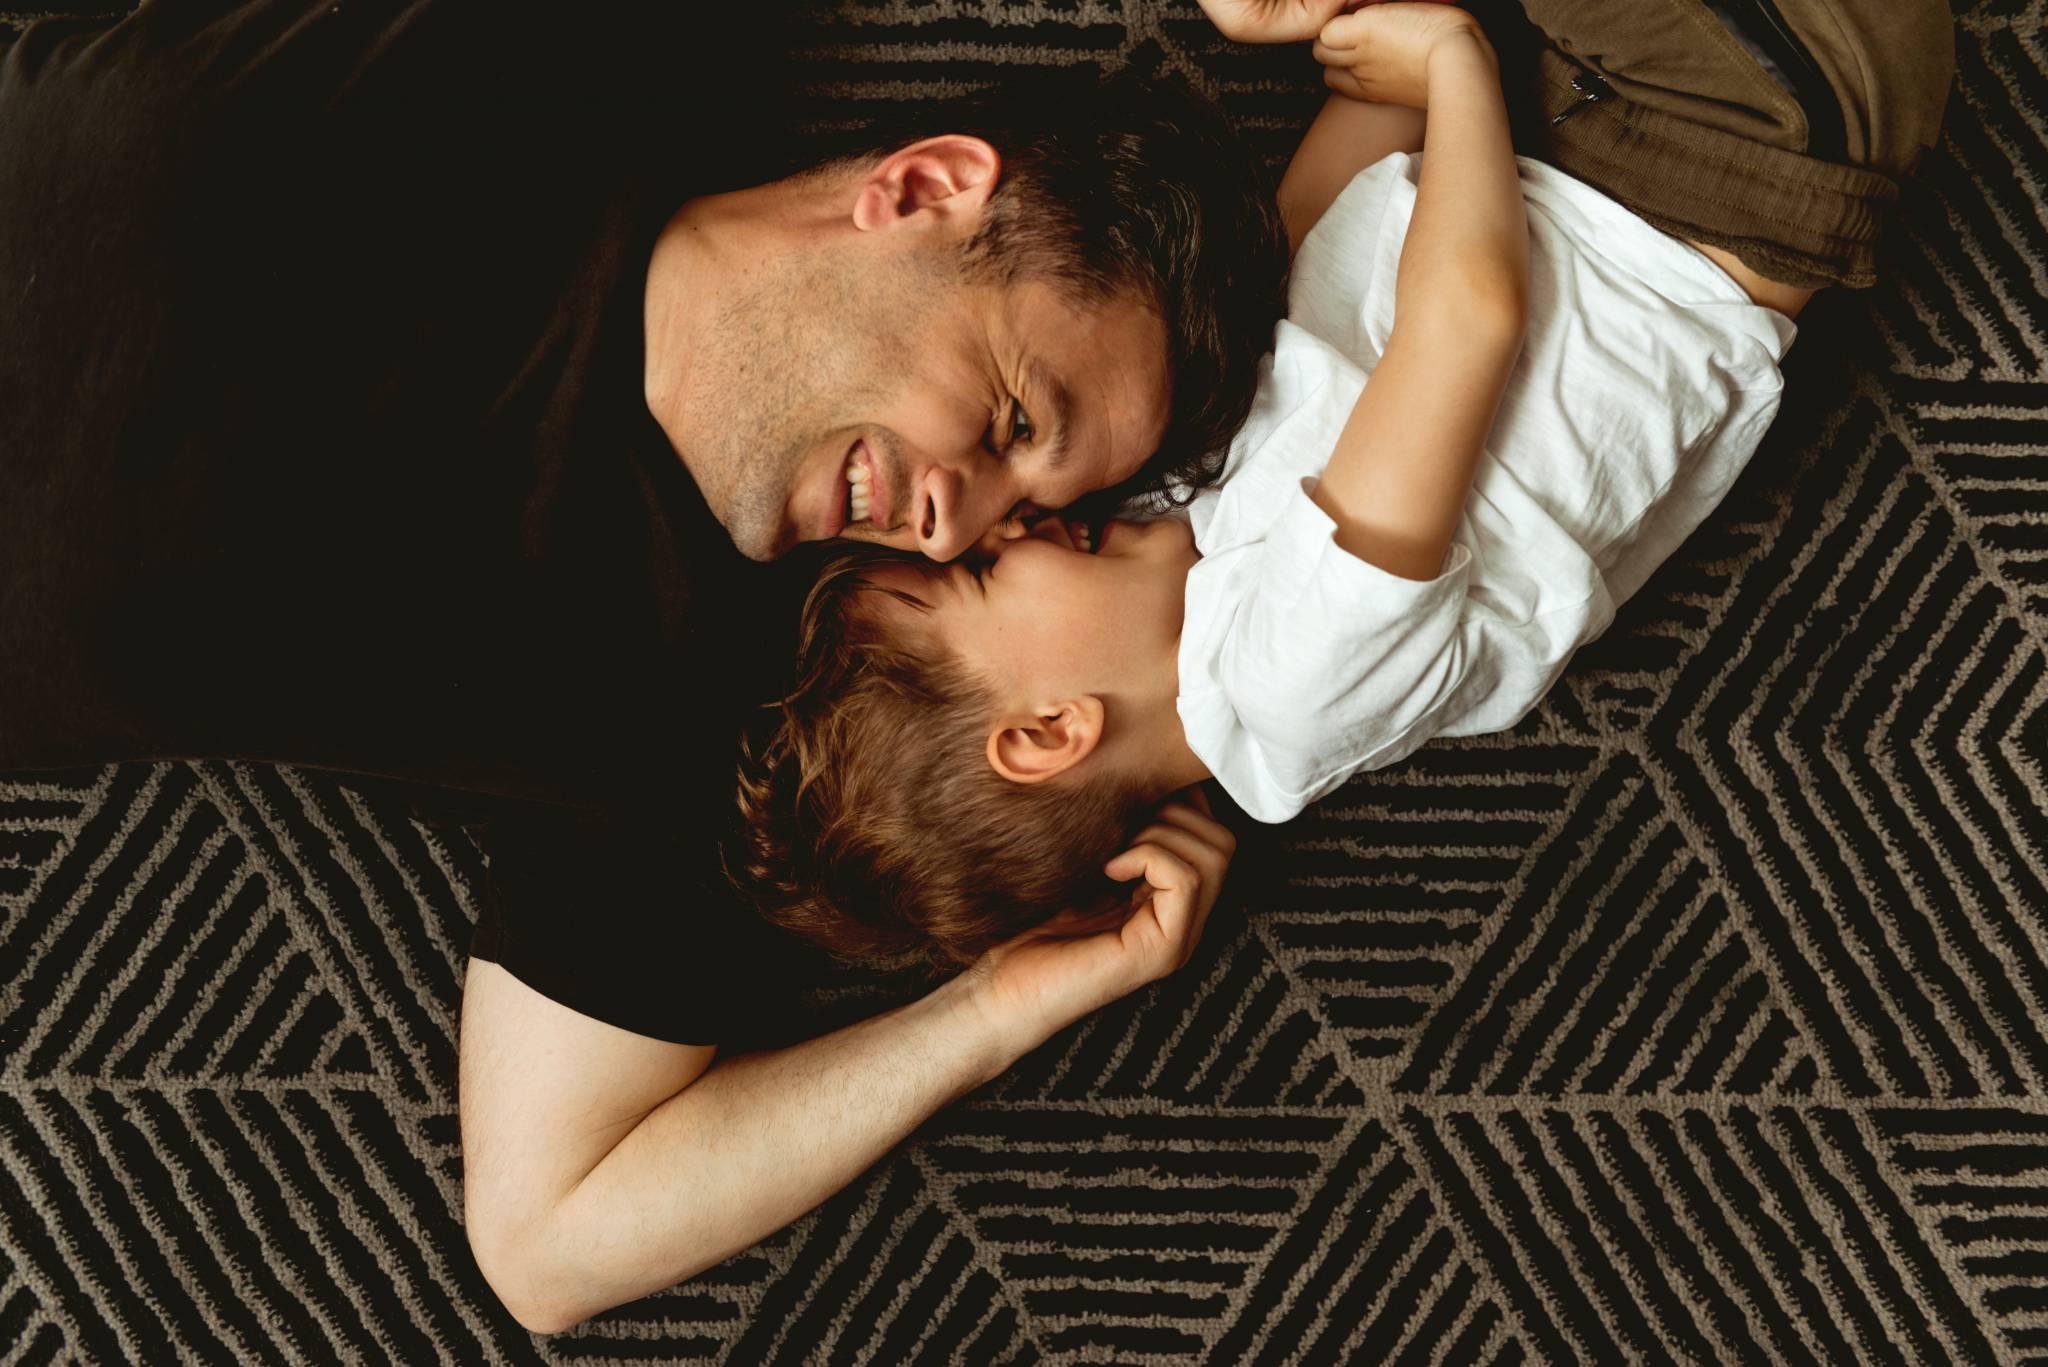 Jacy są dzisiejsi ojcowie? Odpowiada dr Tomasz Srebnicki